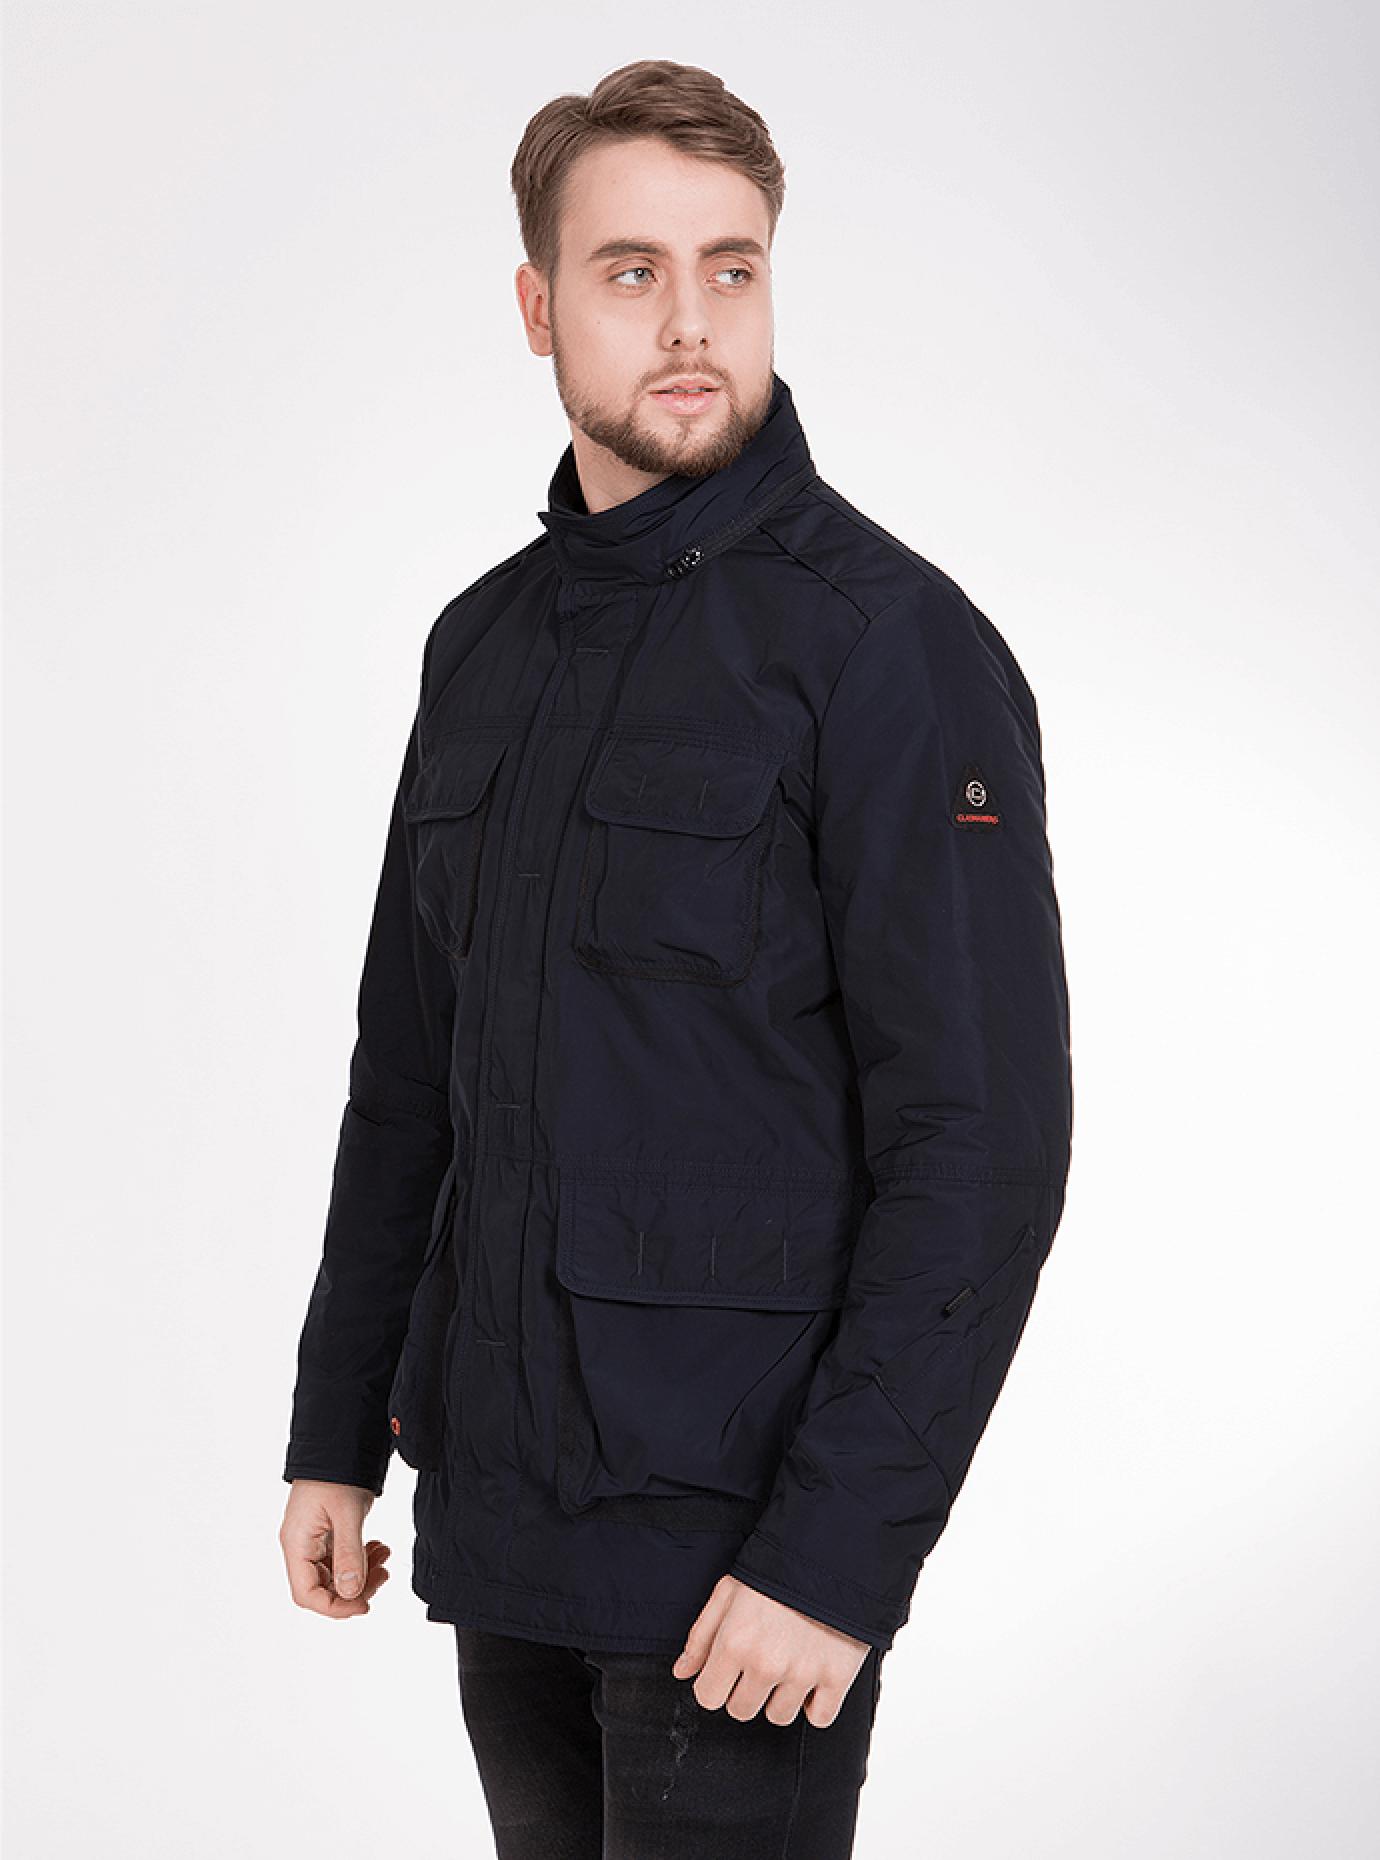 Куртка мужская демисезонная с нагрудными карманами Синий 46 (02-MC18038): фото - Alster.ua